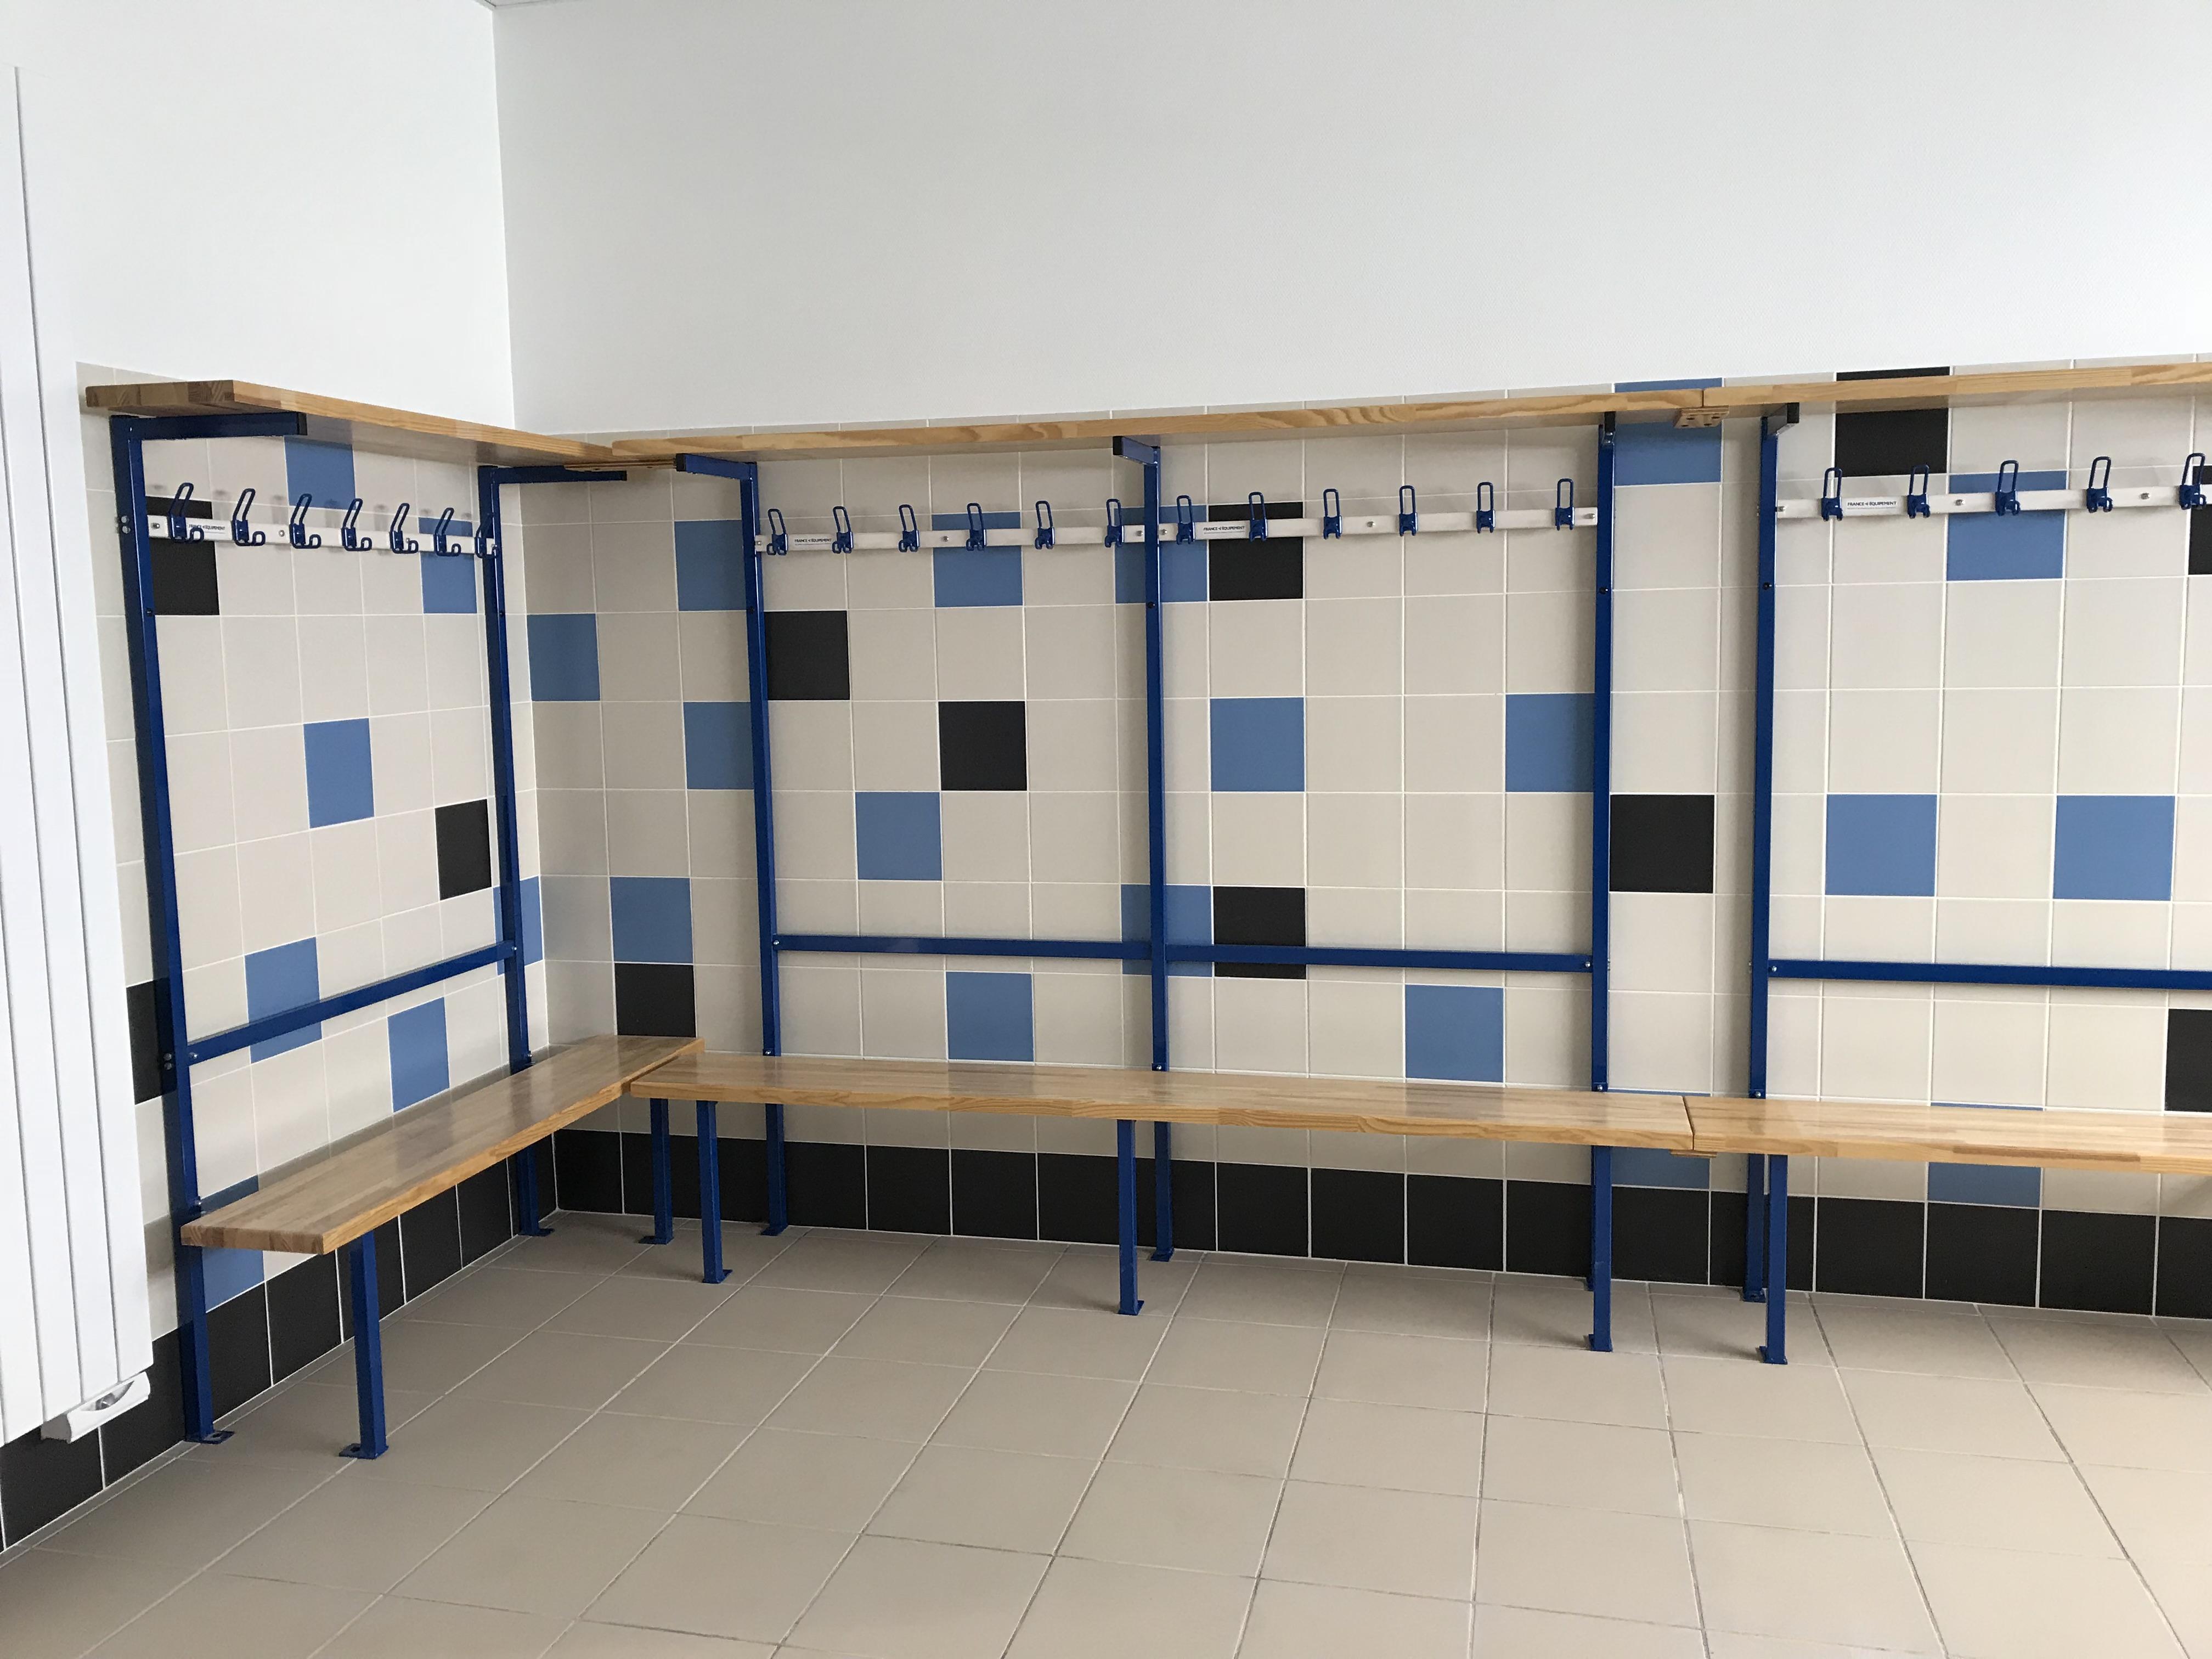 Nouveaux équipements pour le stade de foot de Cruas